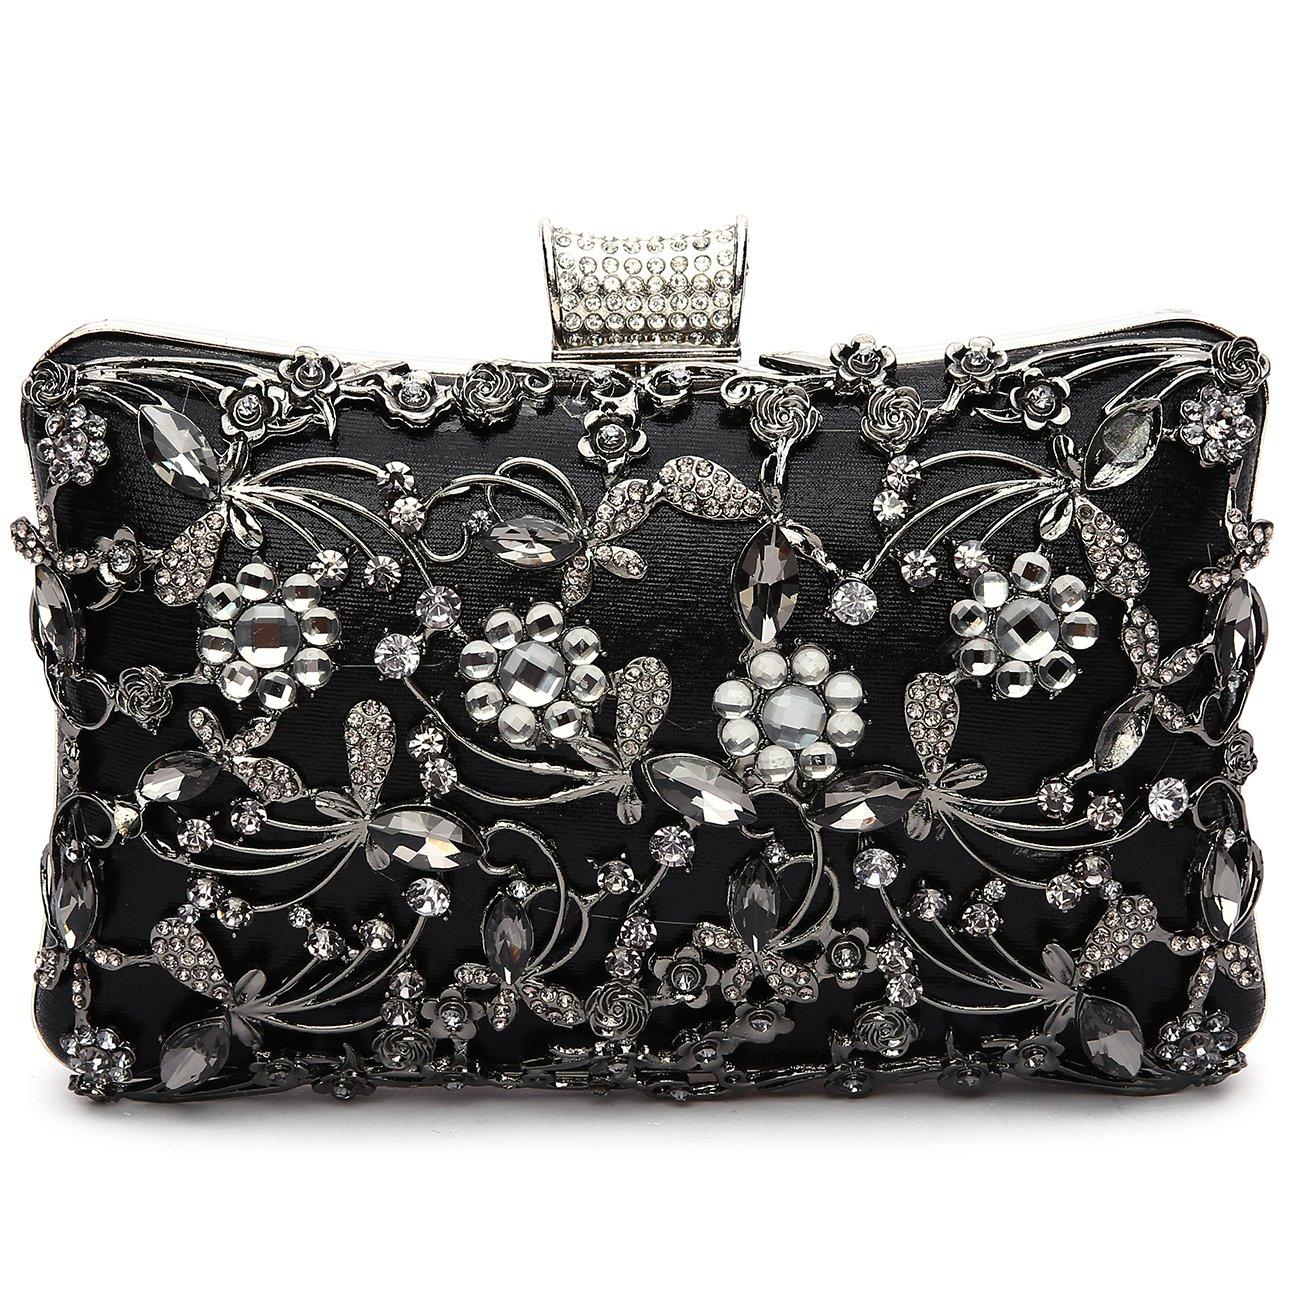 GESU Large Womens Crystal Evening Clutch Bag Wedding Purse Bridal Prom Handbag Party Bag.(Black)